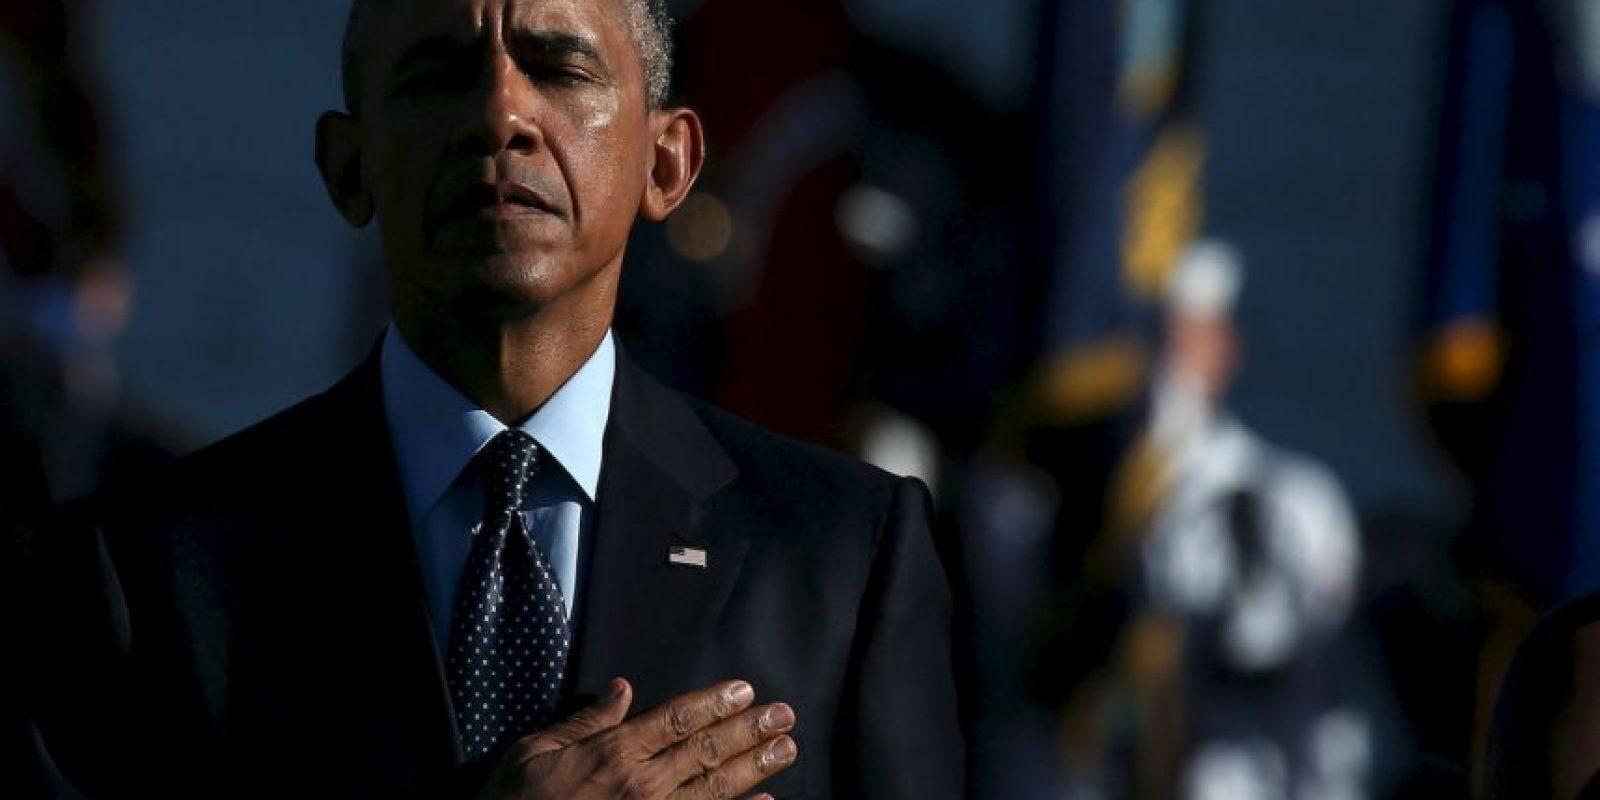 La Casa Blanca rinde homenaje a los caídos en el atentado terrorista. Foto:Getty Images